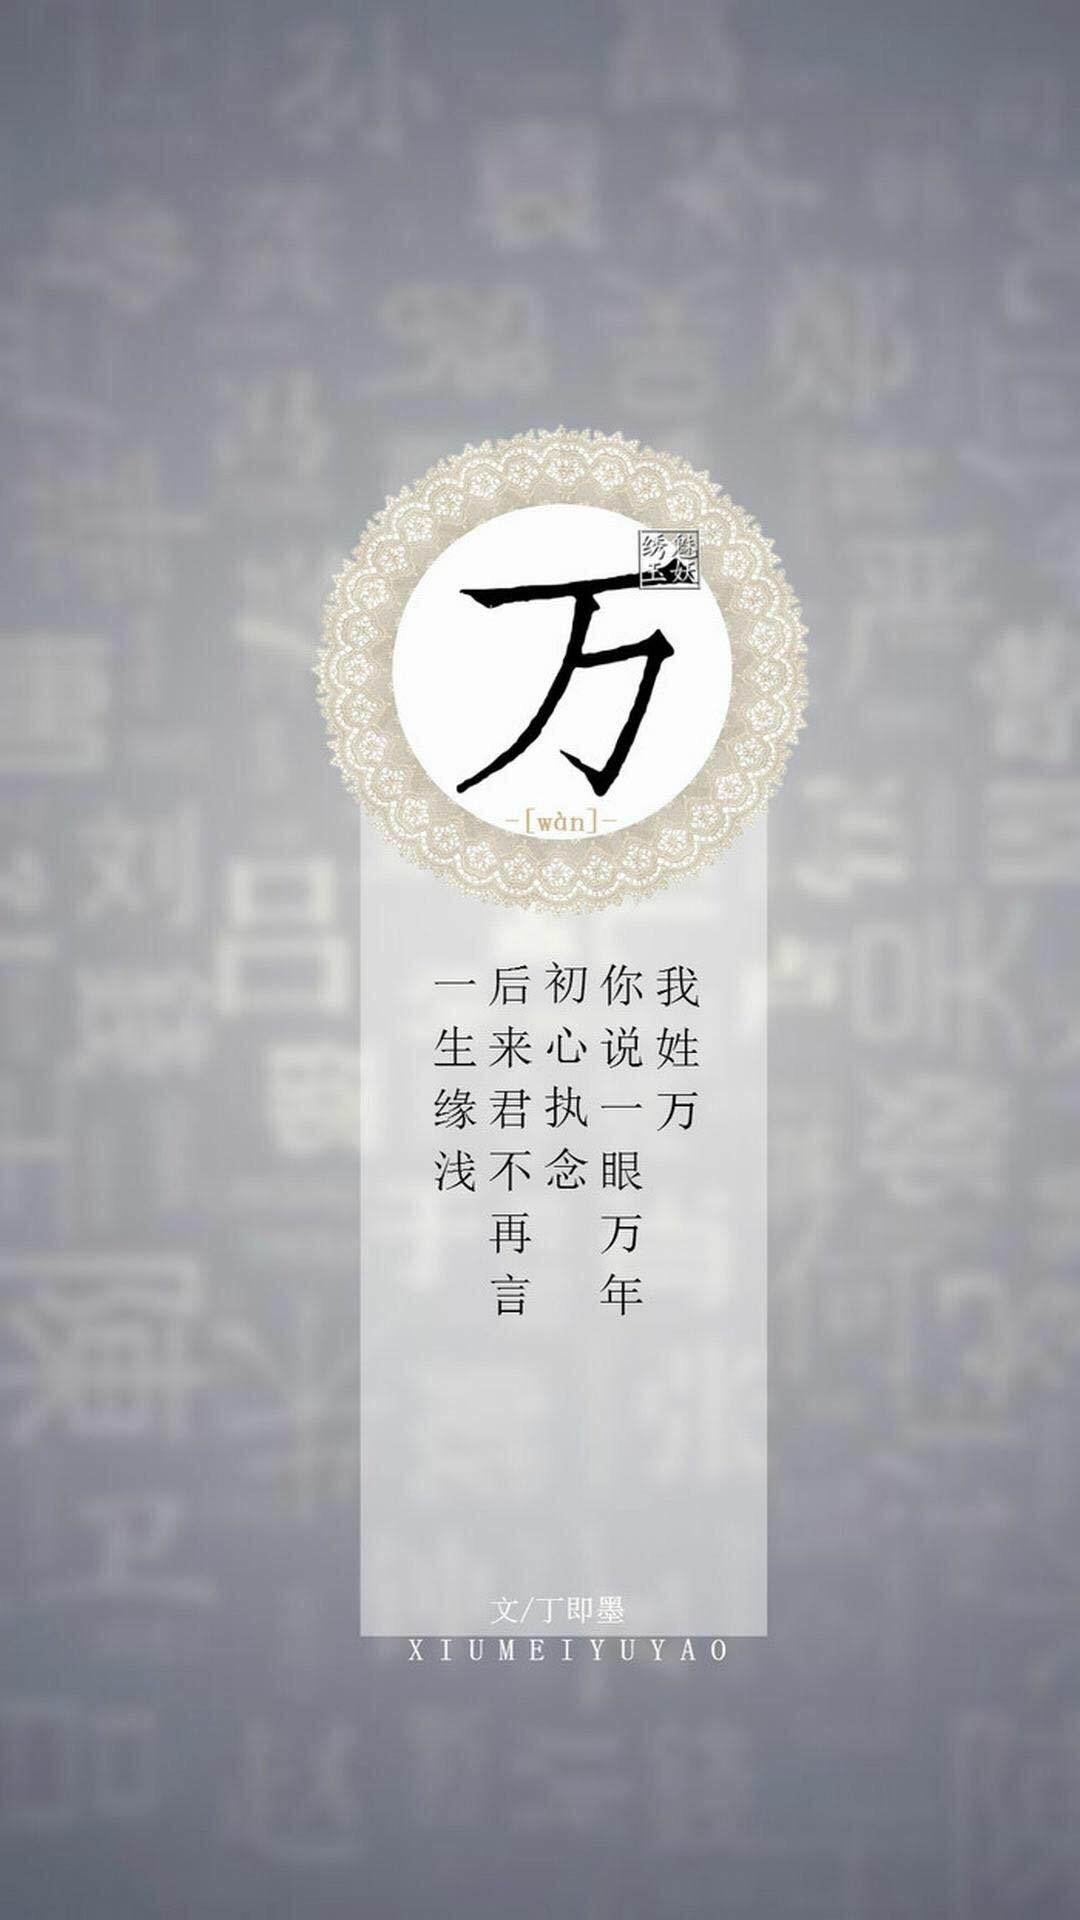 姓氏图片 第四期 6张